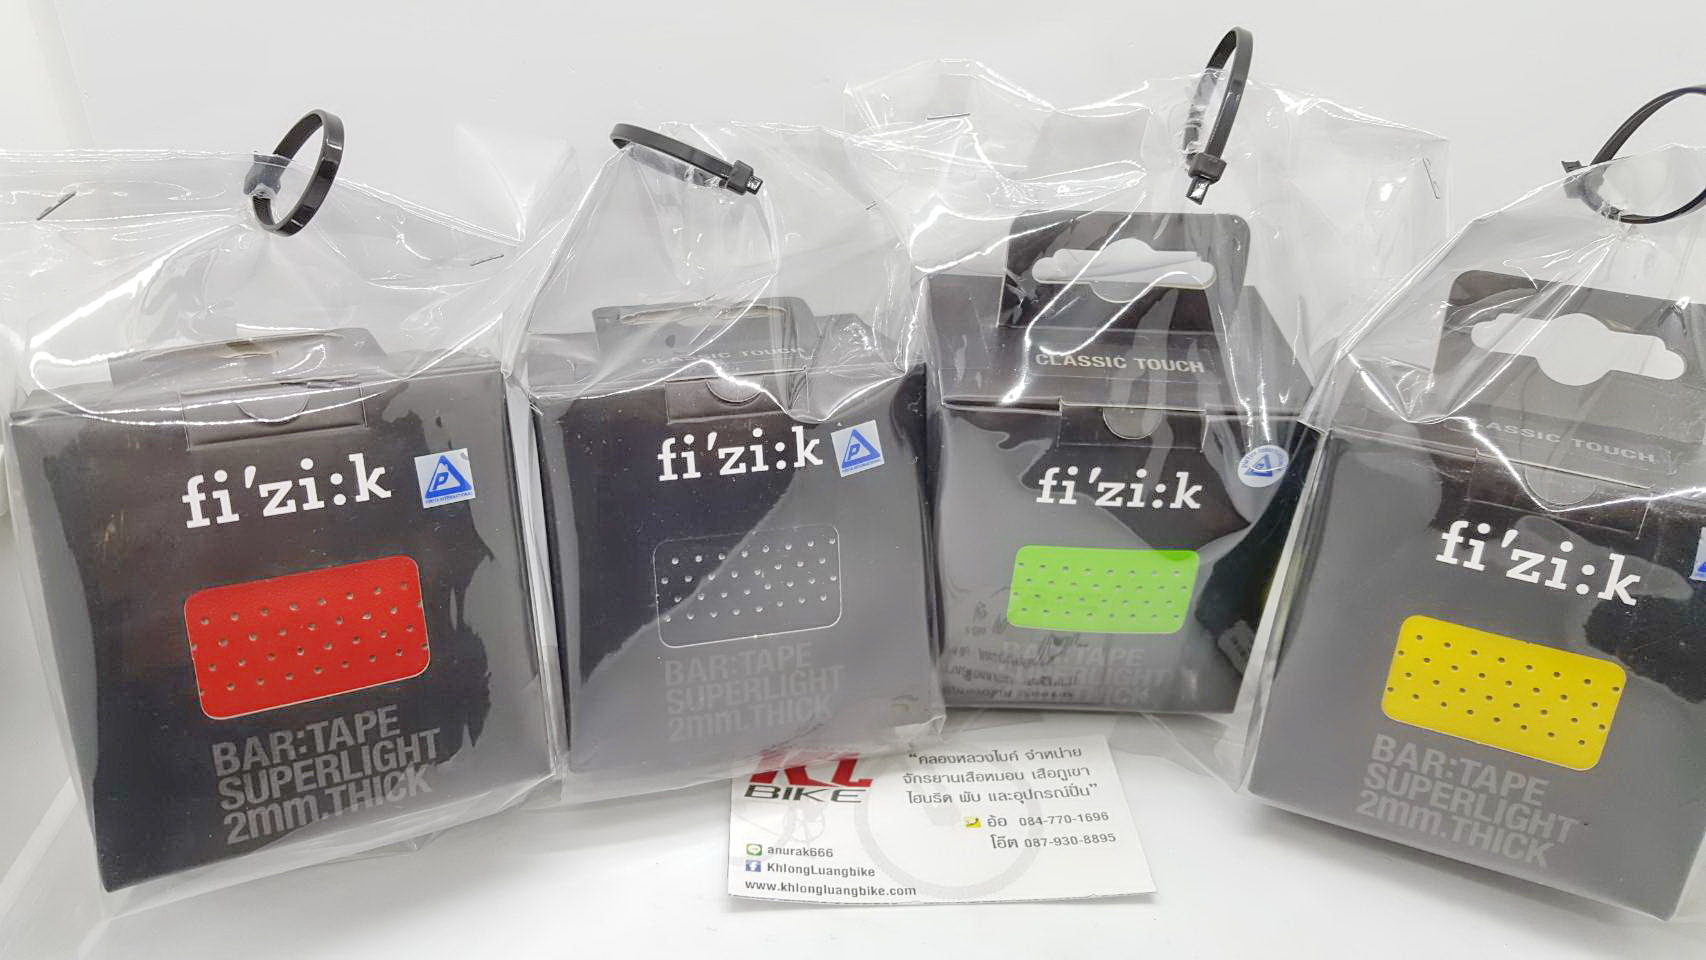 ผ้าพันแฮนด์ Fizik รุ่น Superlight 2 mm.